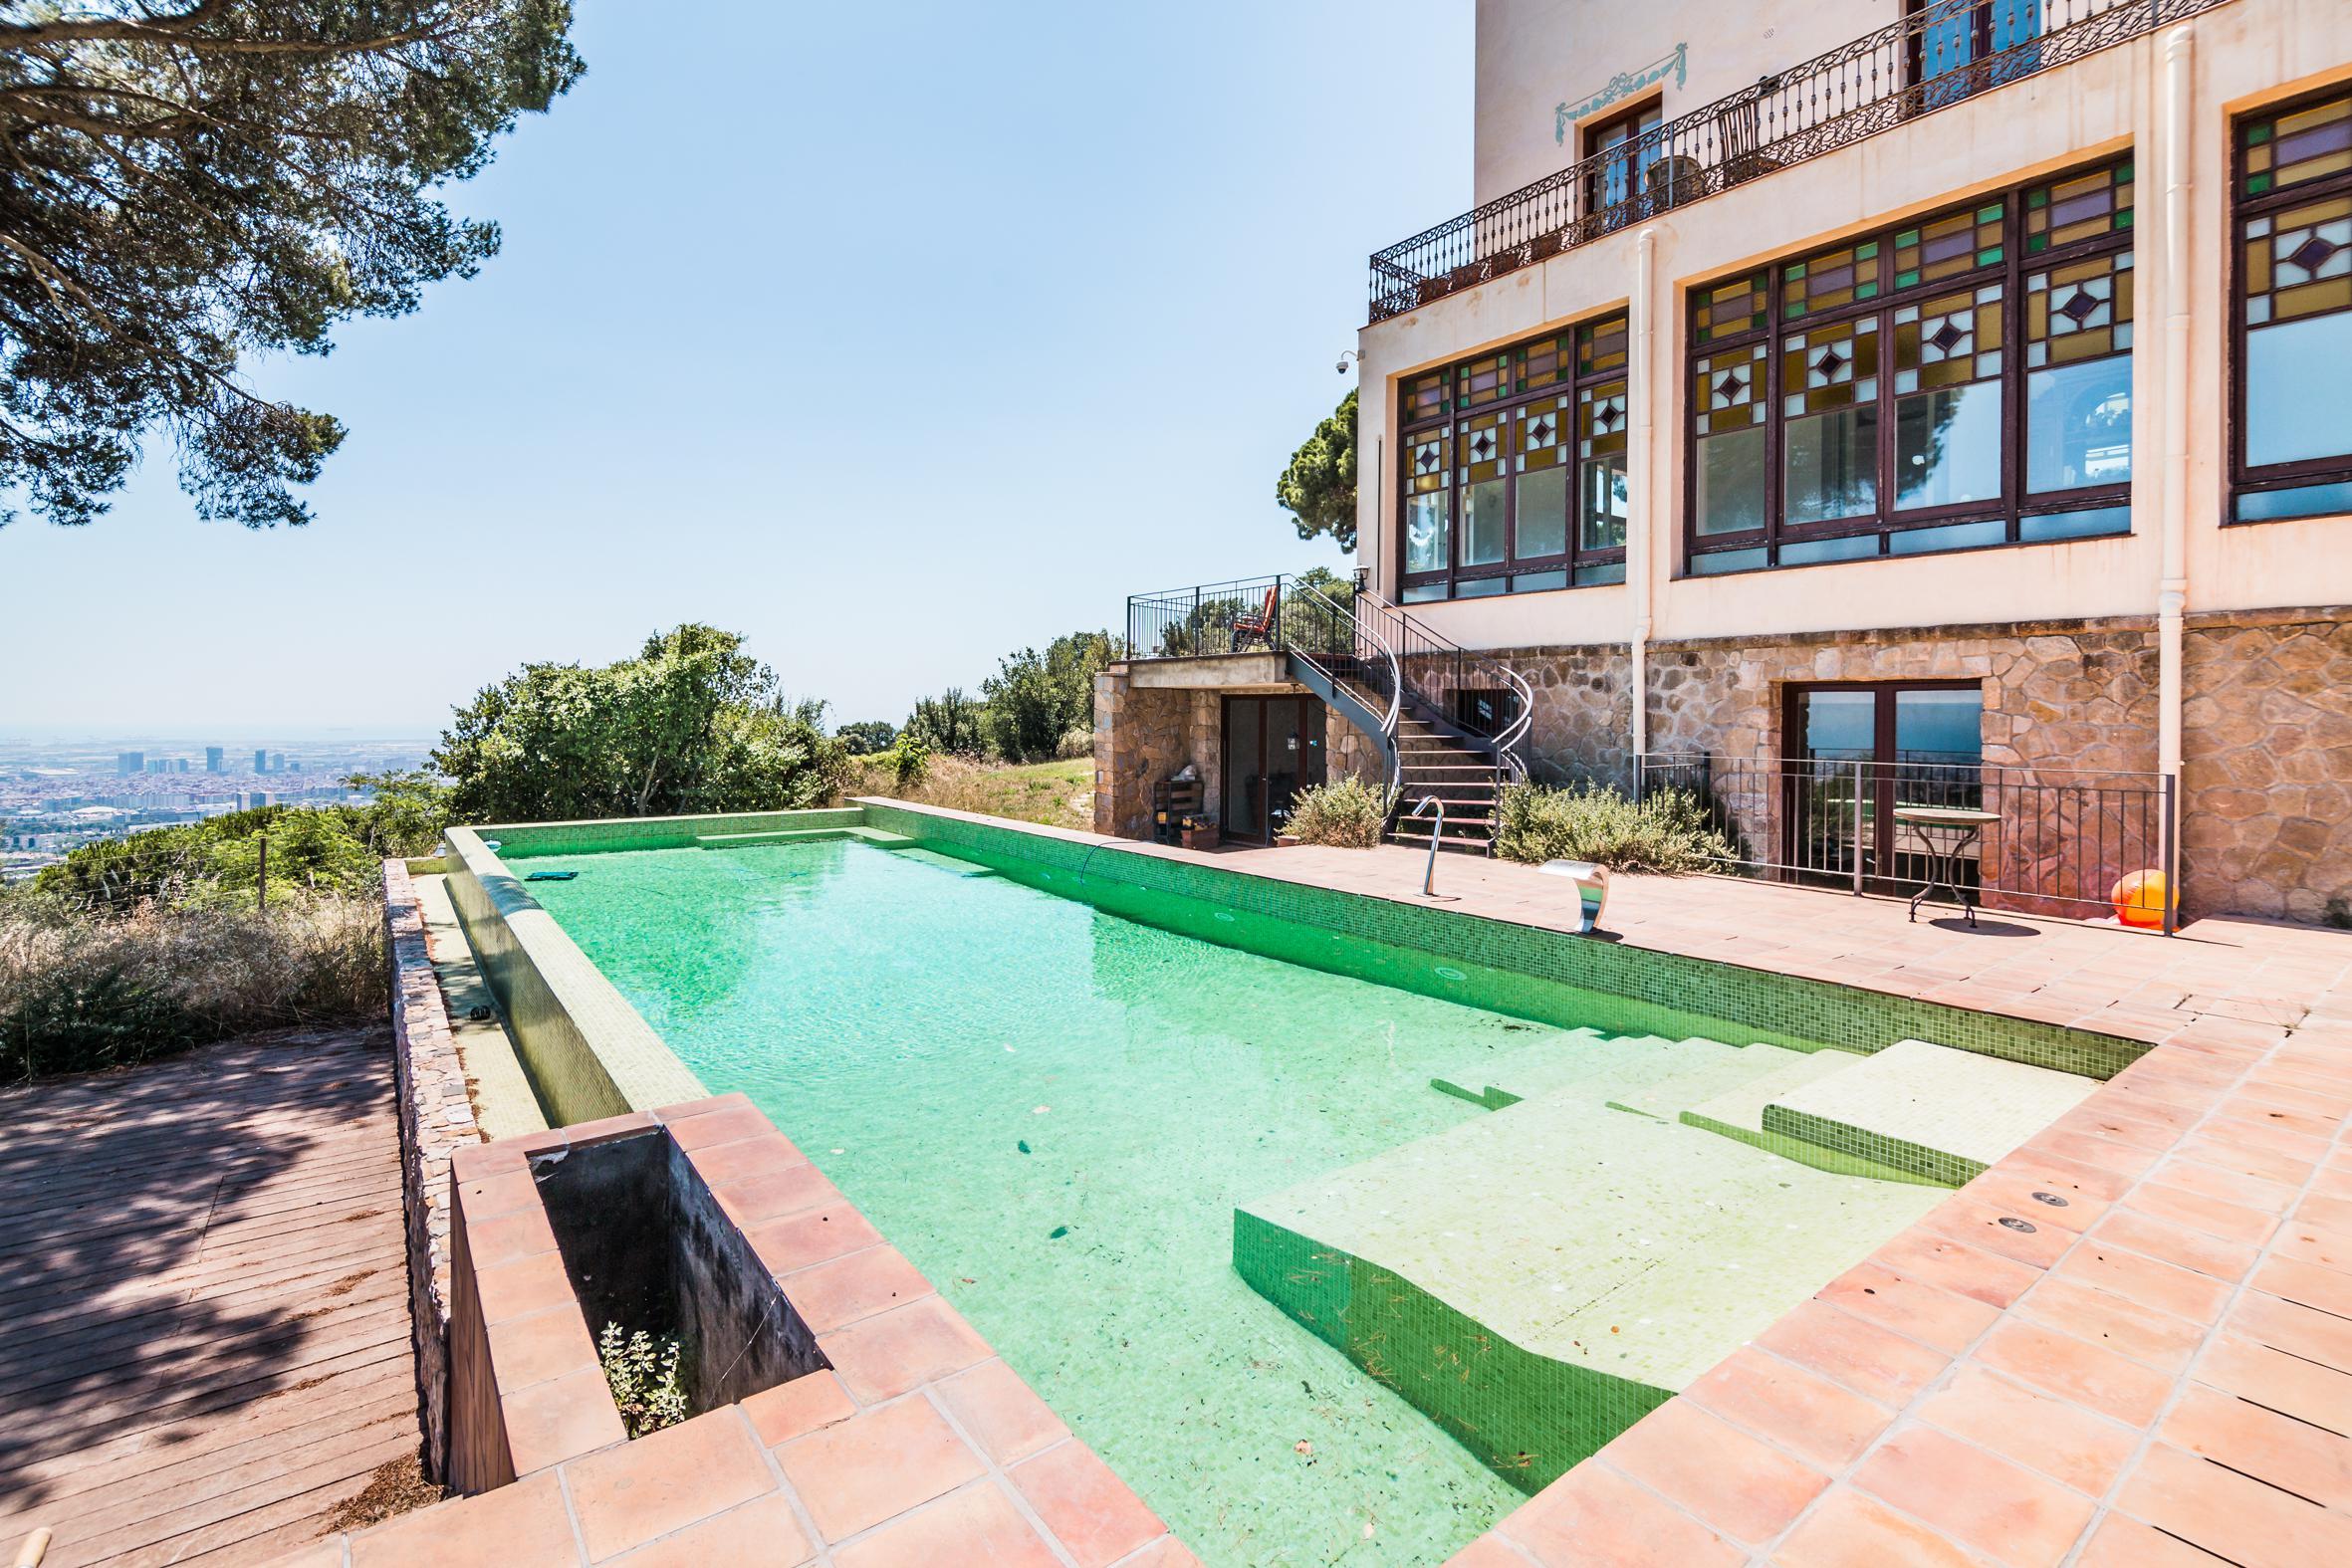 208148 Casa Aislada en venta en Sarrià-Sant Gervasi, Sarrià 2